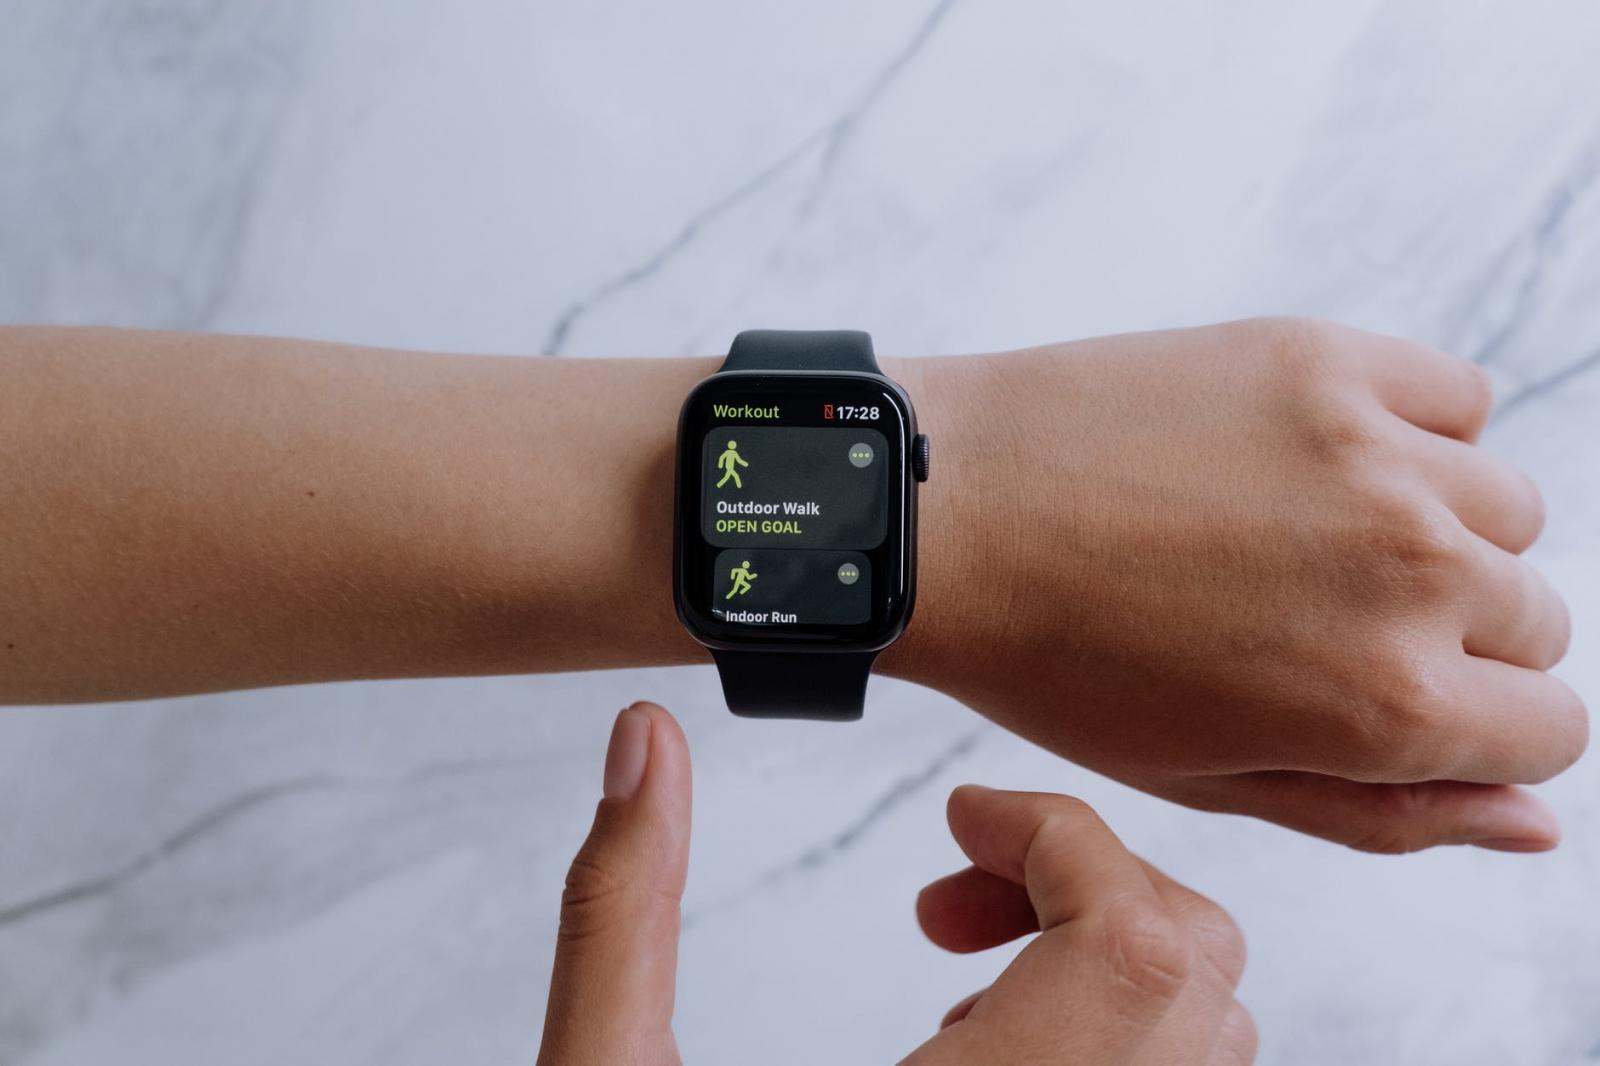 【快訊】蘋果最新專利曝光!Apple Watch將能追蹤「體表水分」避免中暑